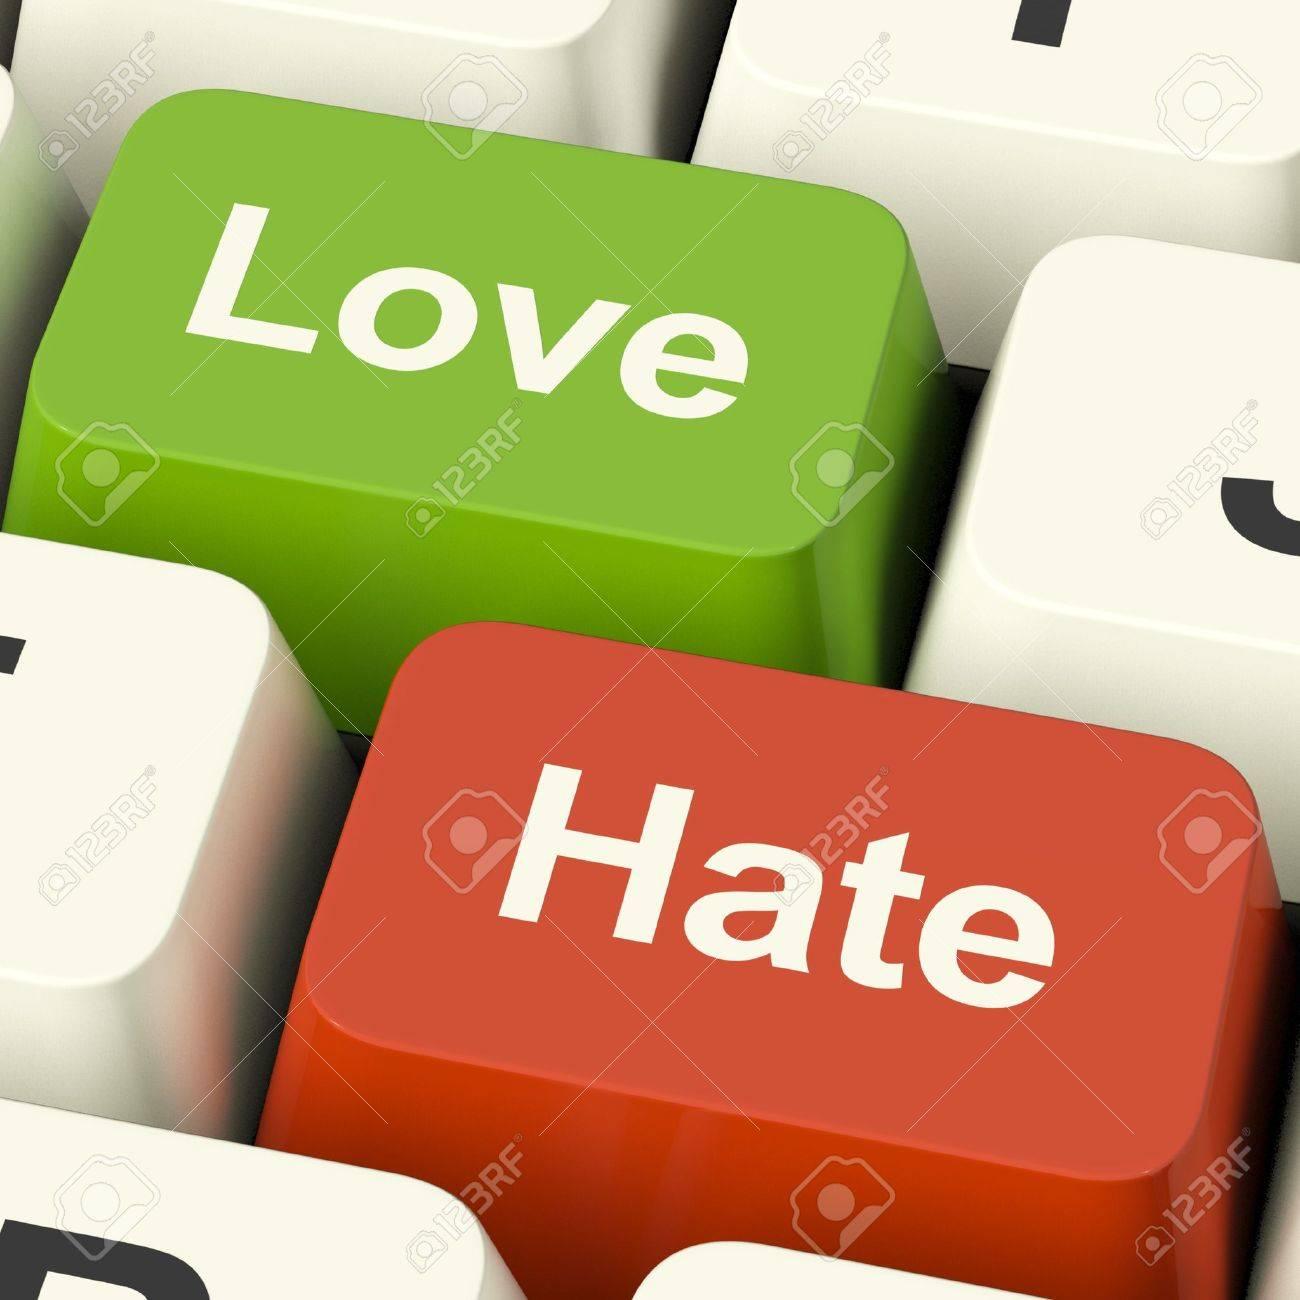 love hate computer keys shows emotion anger and conflict stock love hate computer keys shows emotion anger and conflict stock photo 13481322